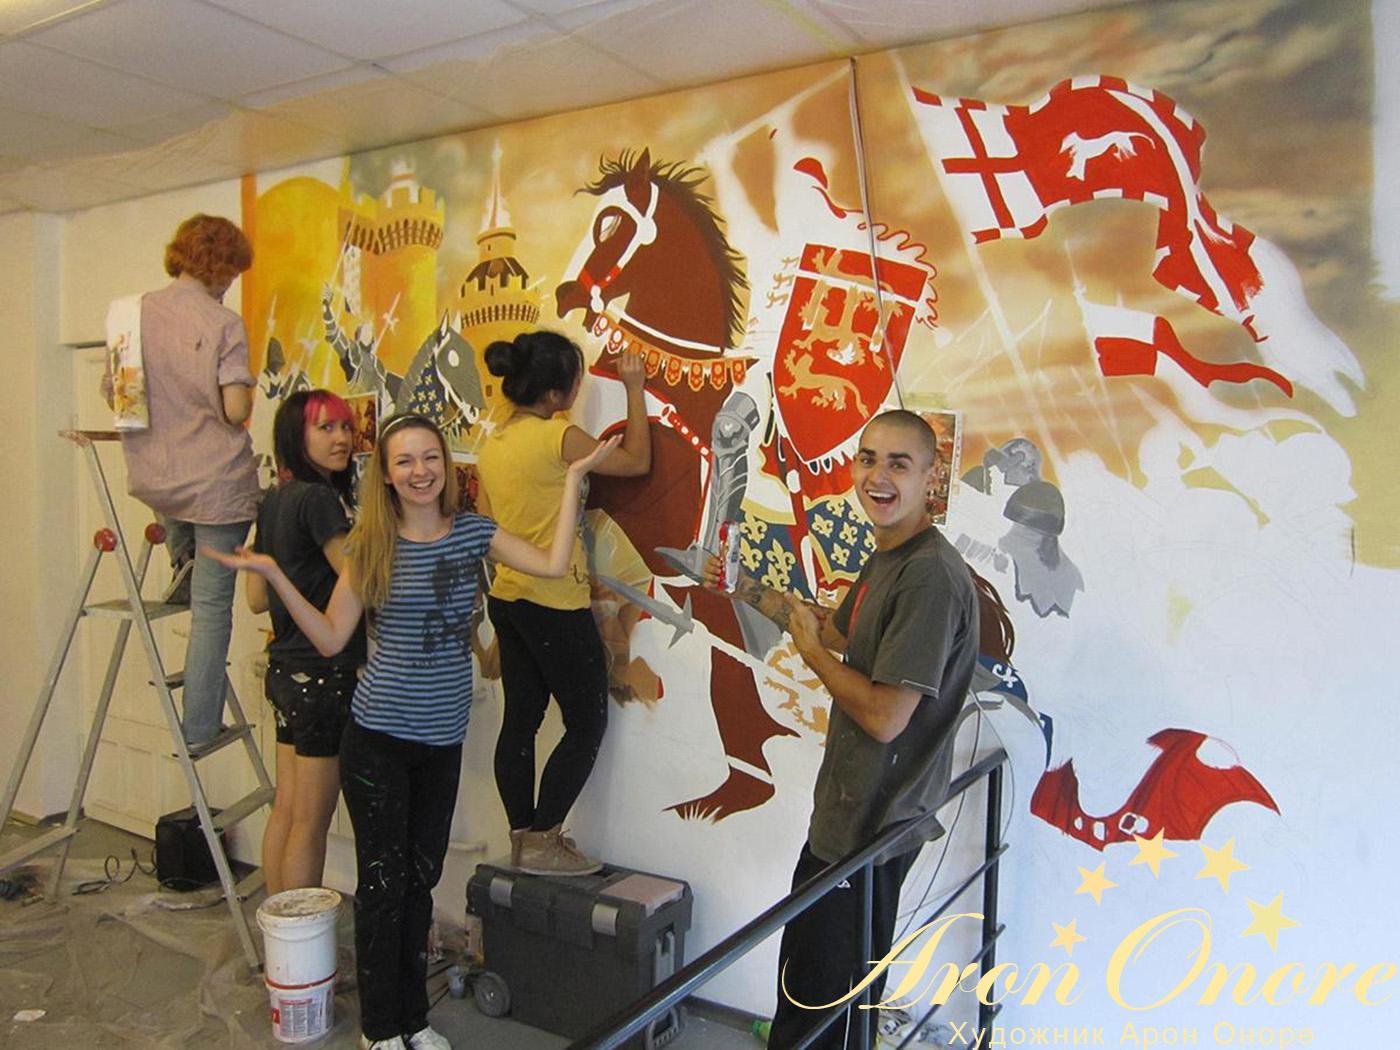 Процесс работы – нанесение сказочного рисунка на стену квартиры